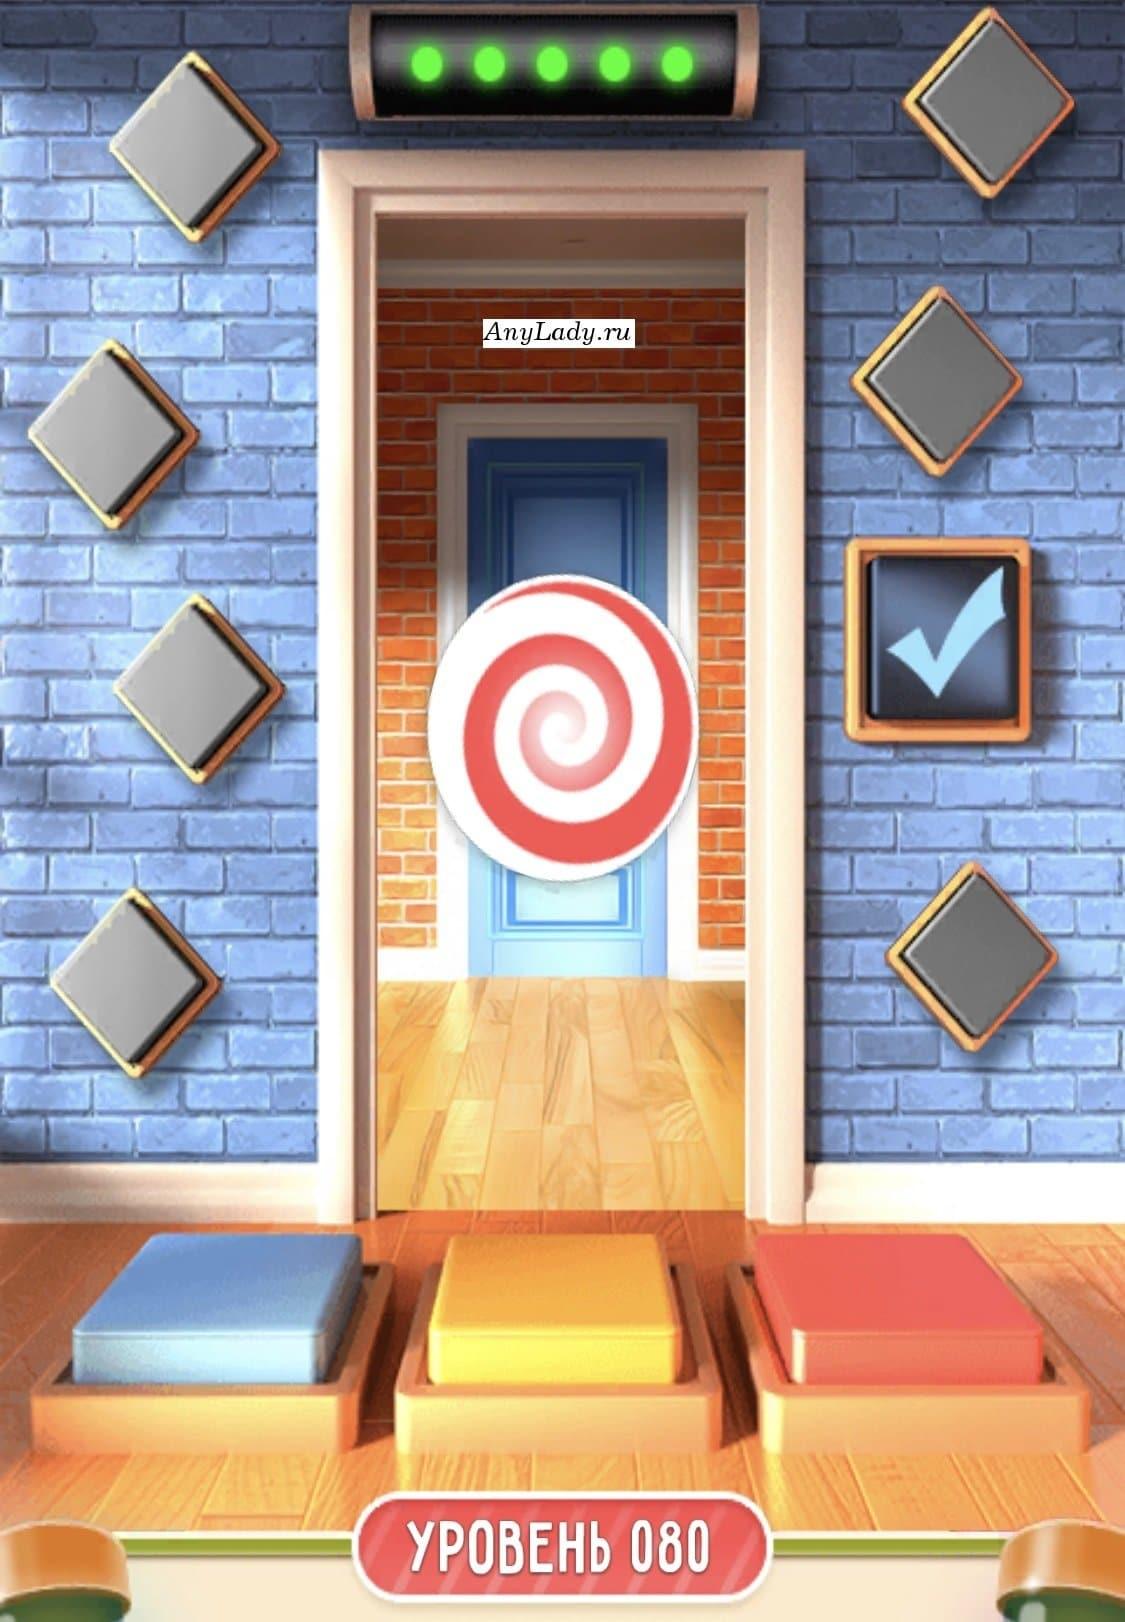 Прохождение:   Первый этап - кликните три раза на бордовую кнопку на полу, затем один раз на синюю галочку справа от двери.  Второй этап - кликните один раз на желтую кнопку, два раза на синюю и обратно один раз на желтую, теперь галочка у двери.